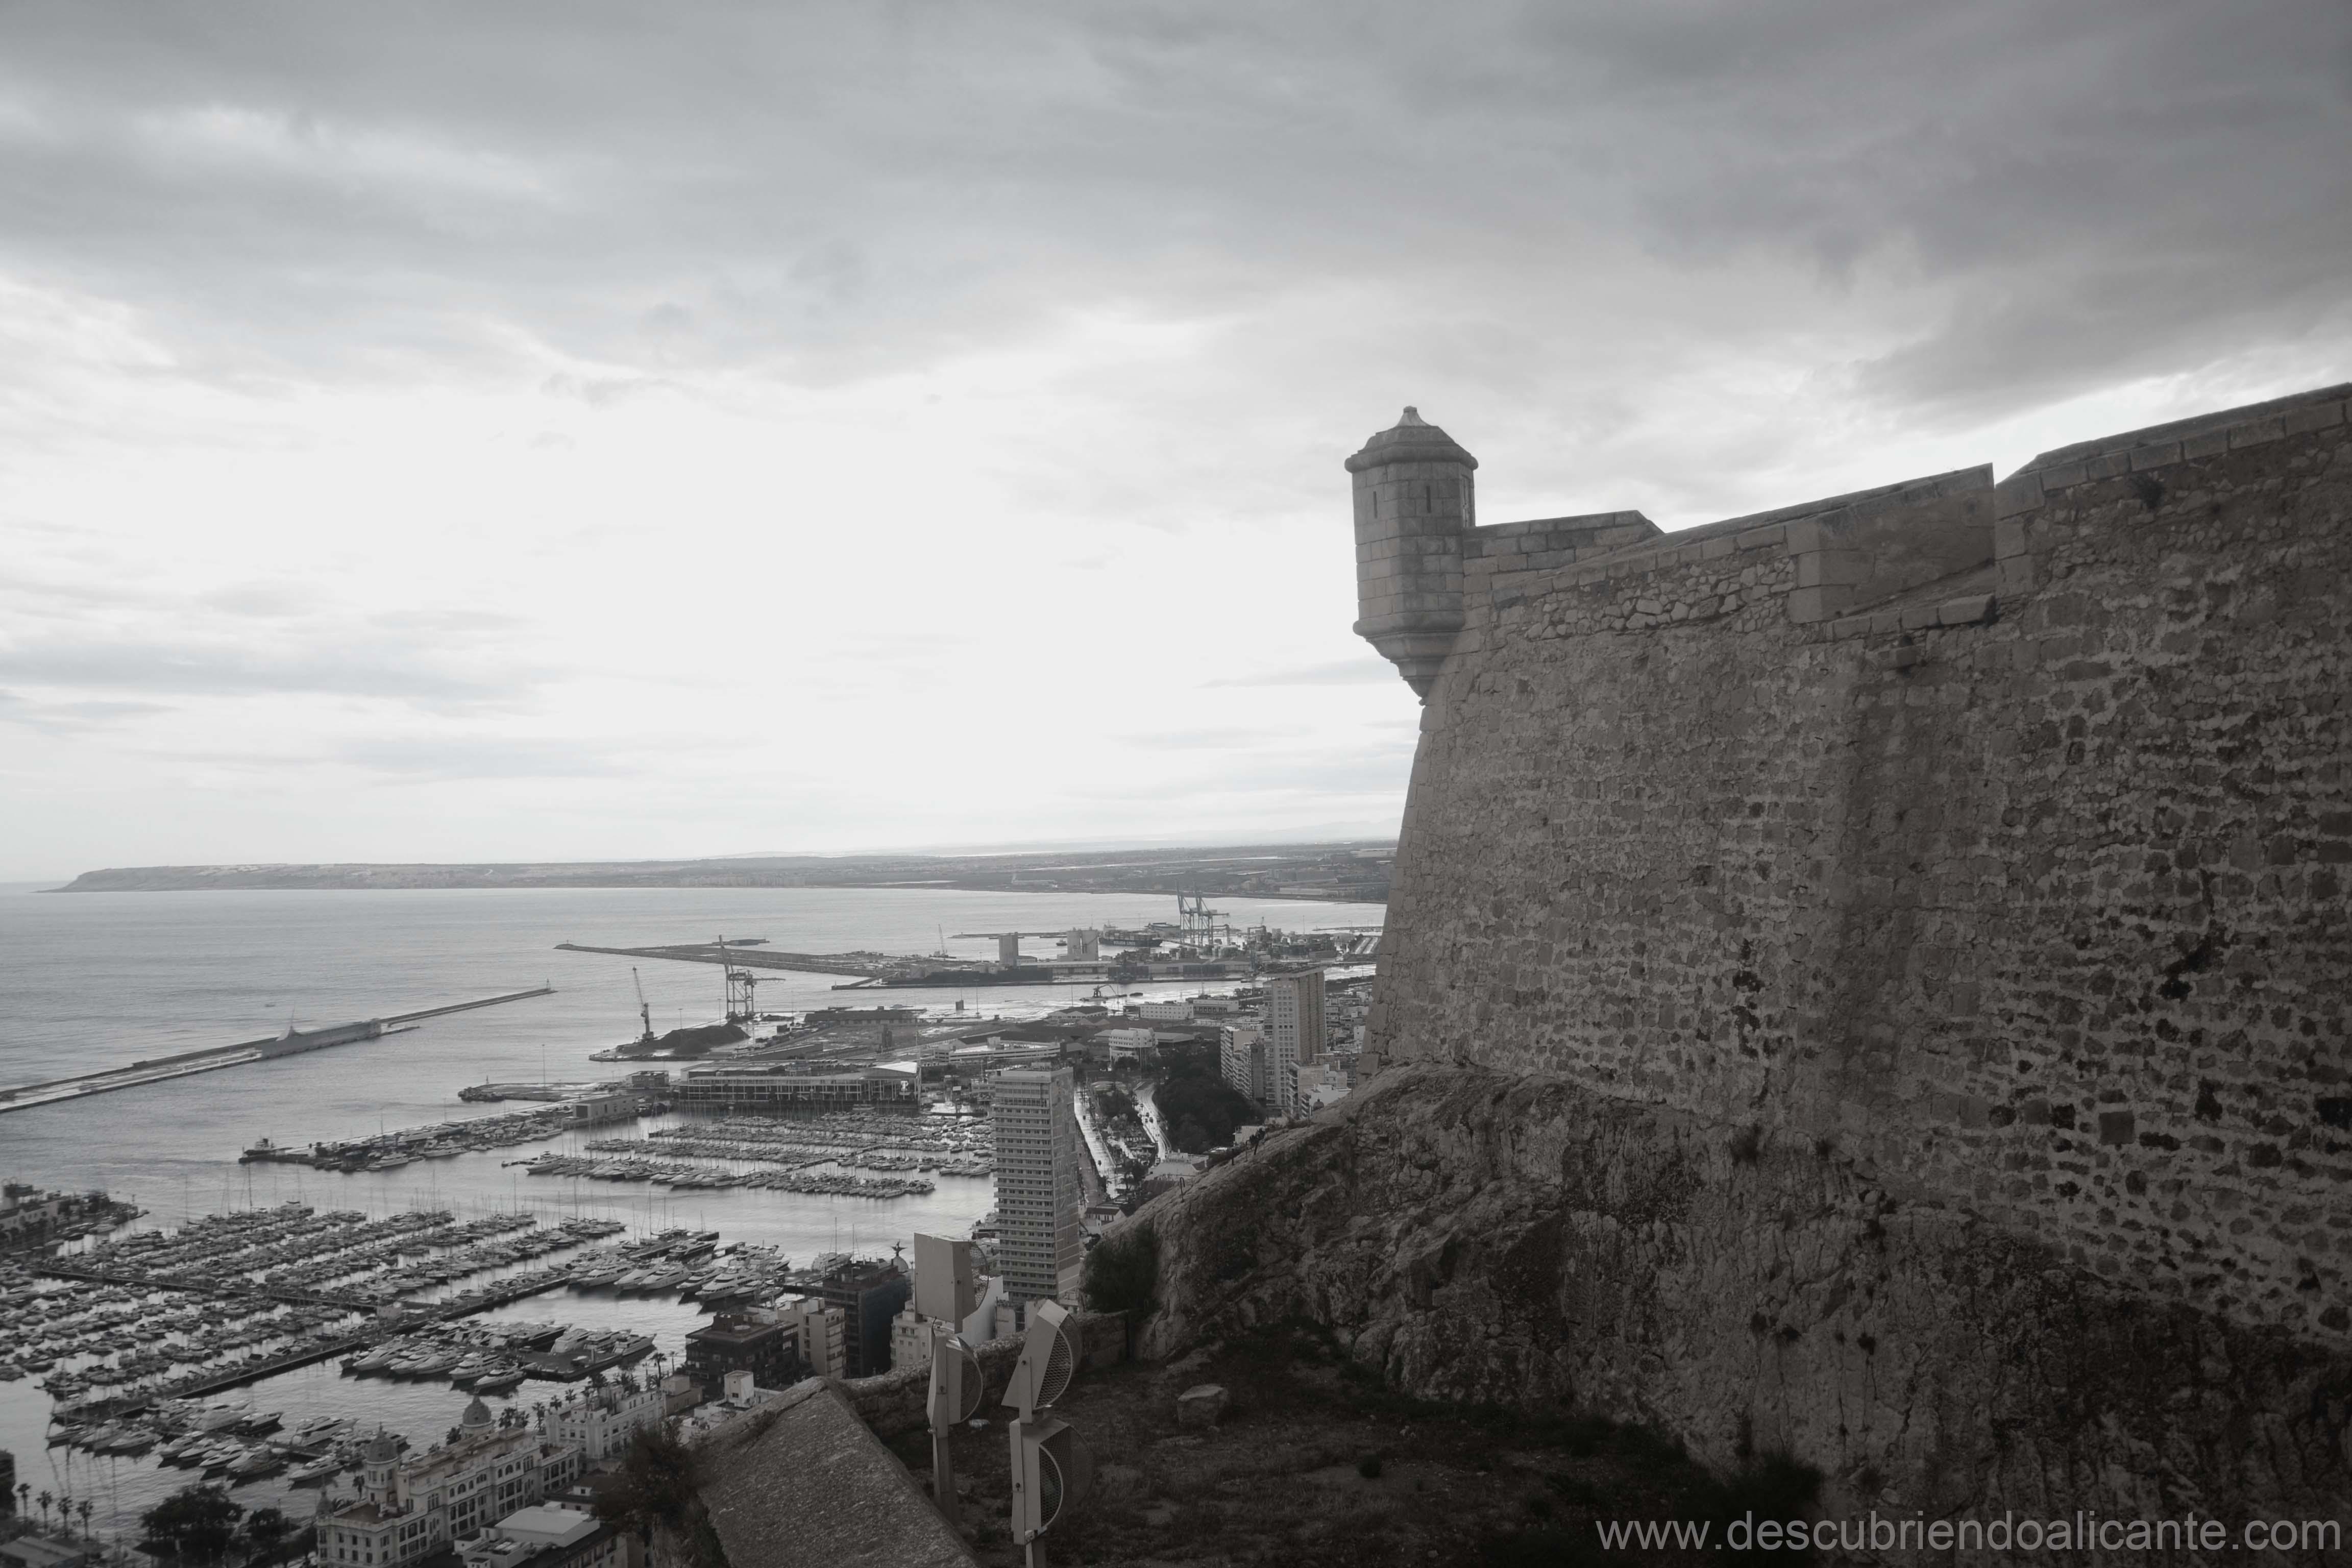 castillo-de-santa-barbara-blanco-y-negro-alicante